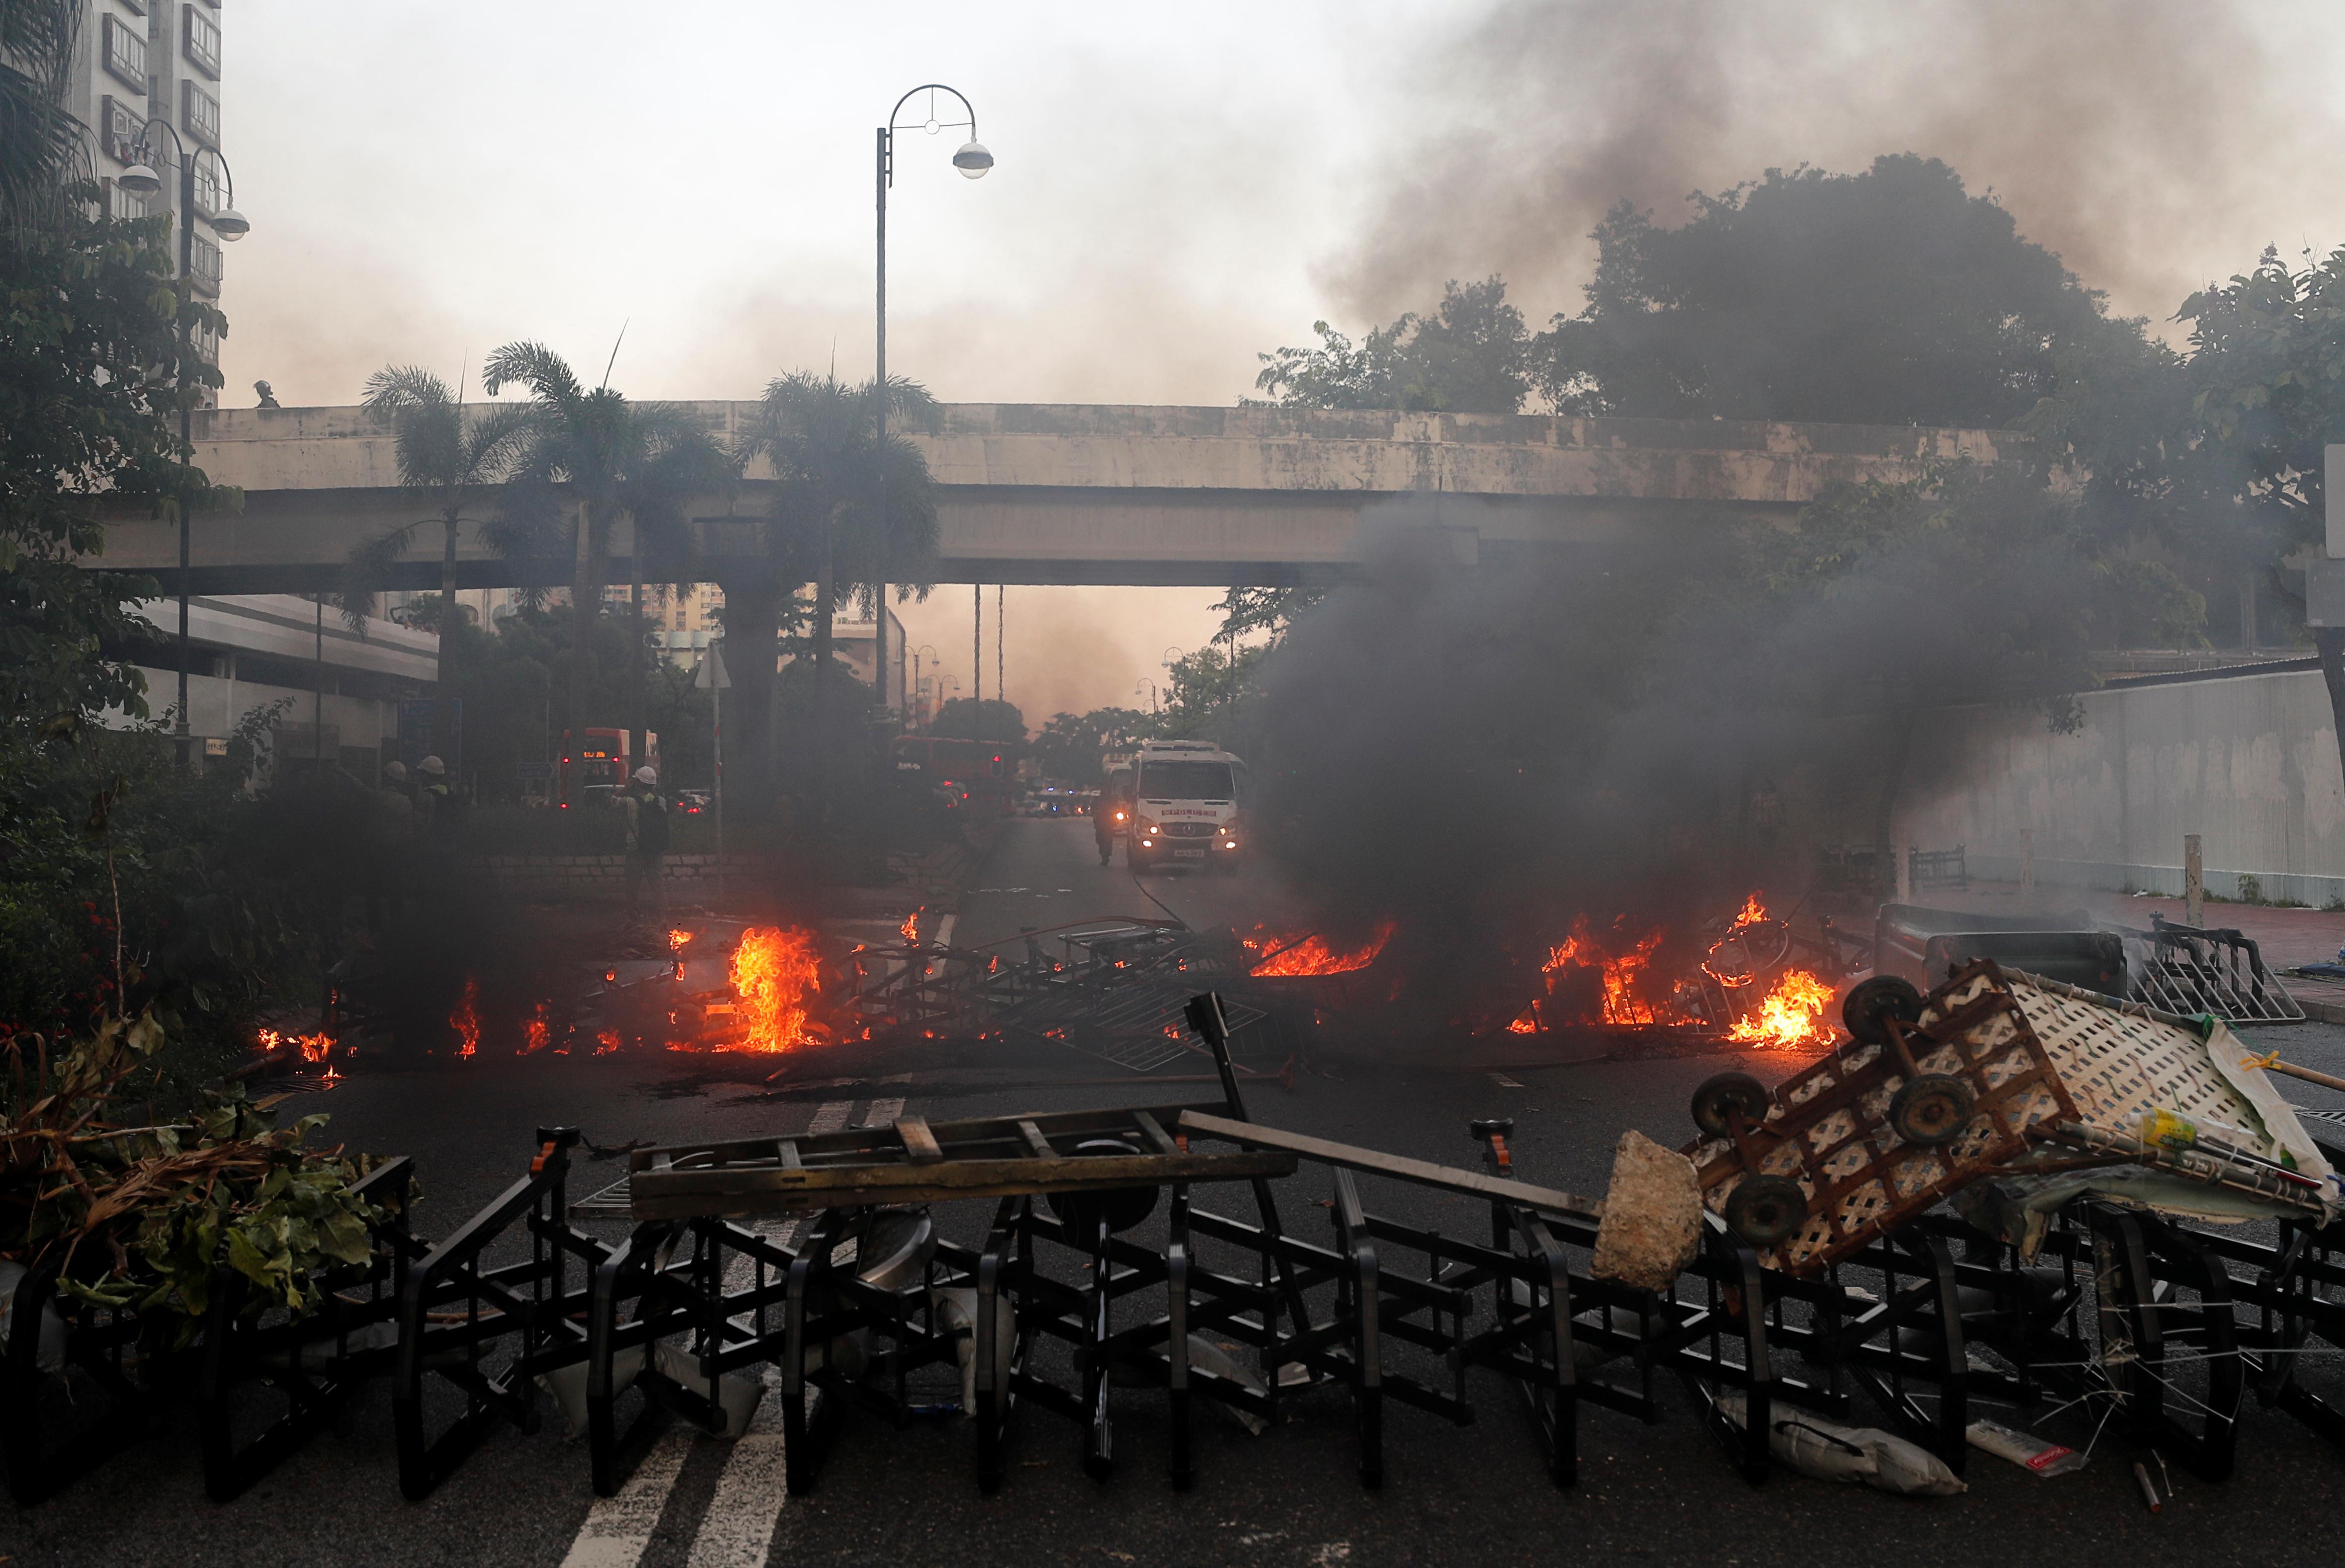 أشعل محتجون النيران في بعض الطرق في منطقة شا تن